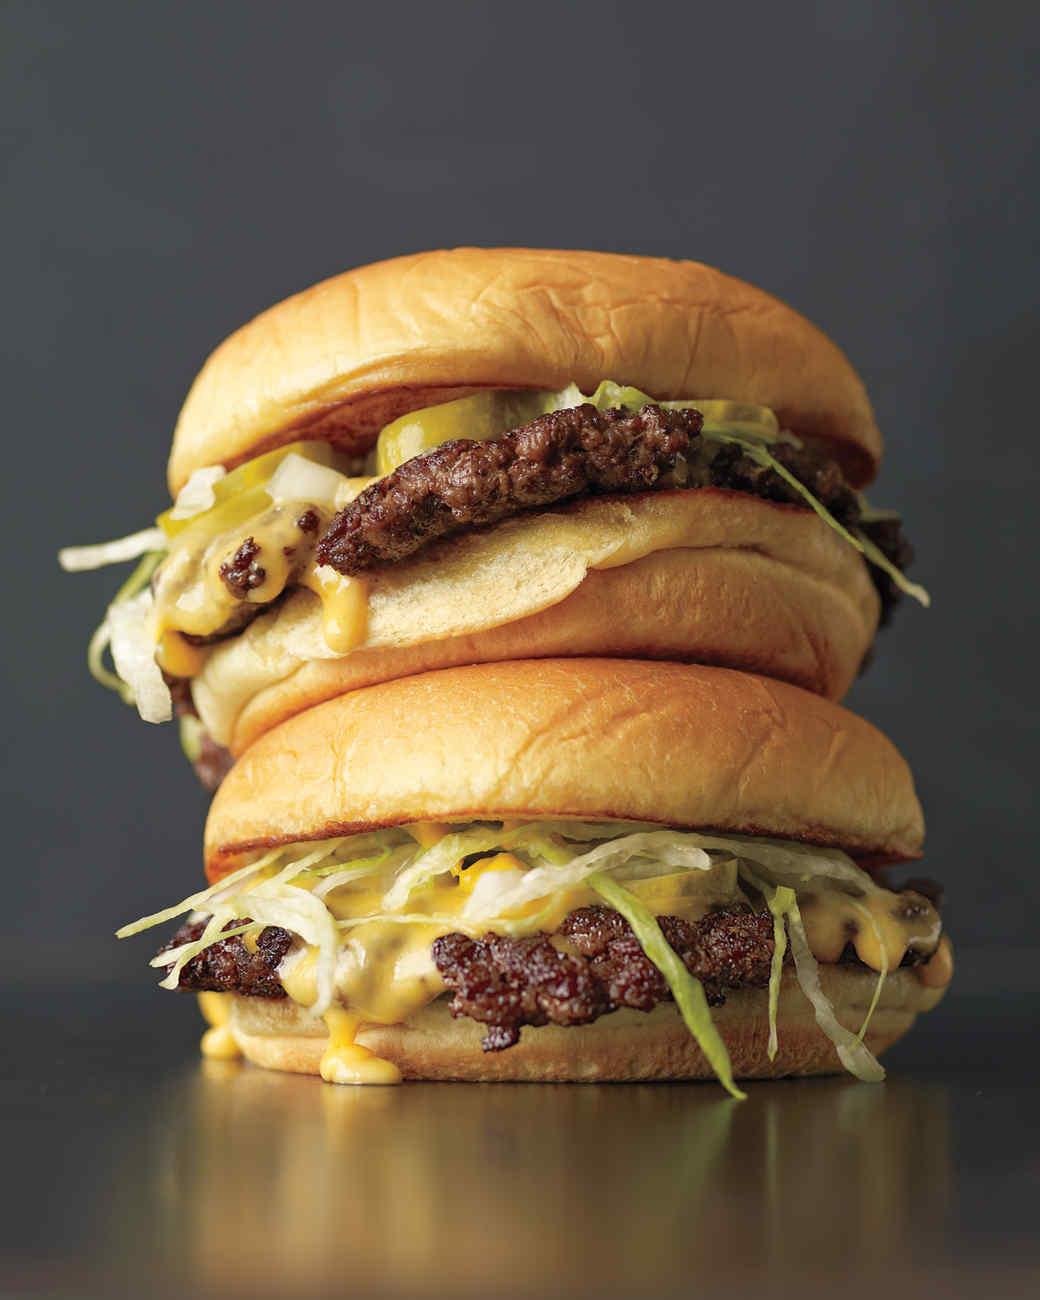 thin-burger-mld108880.jpg